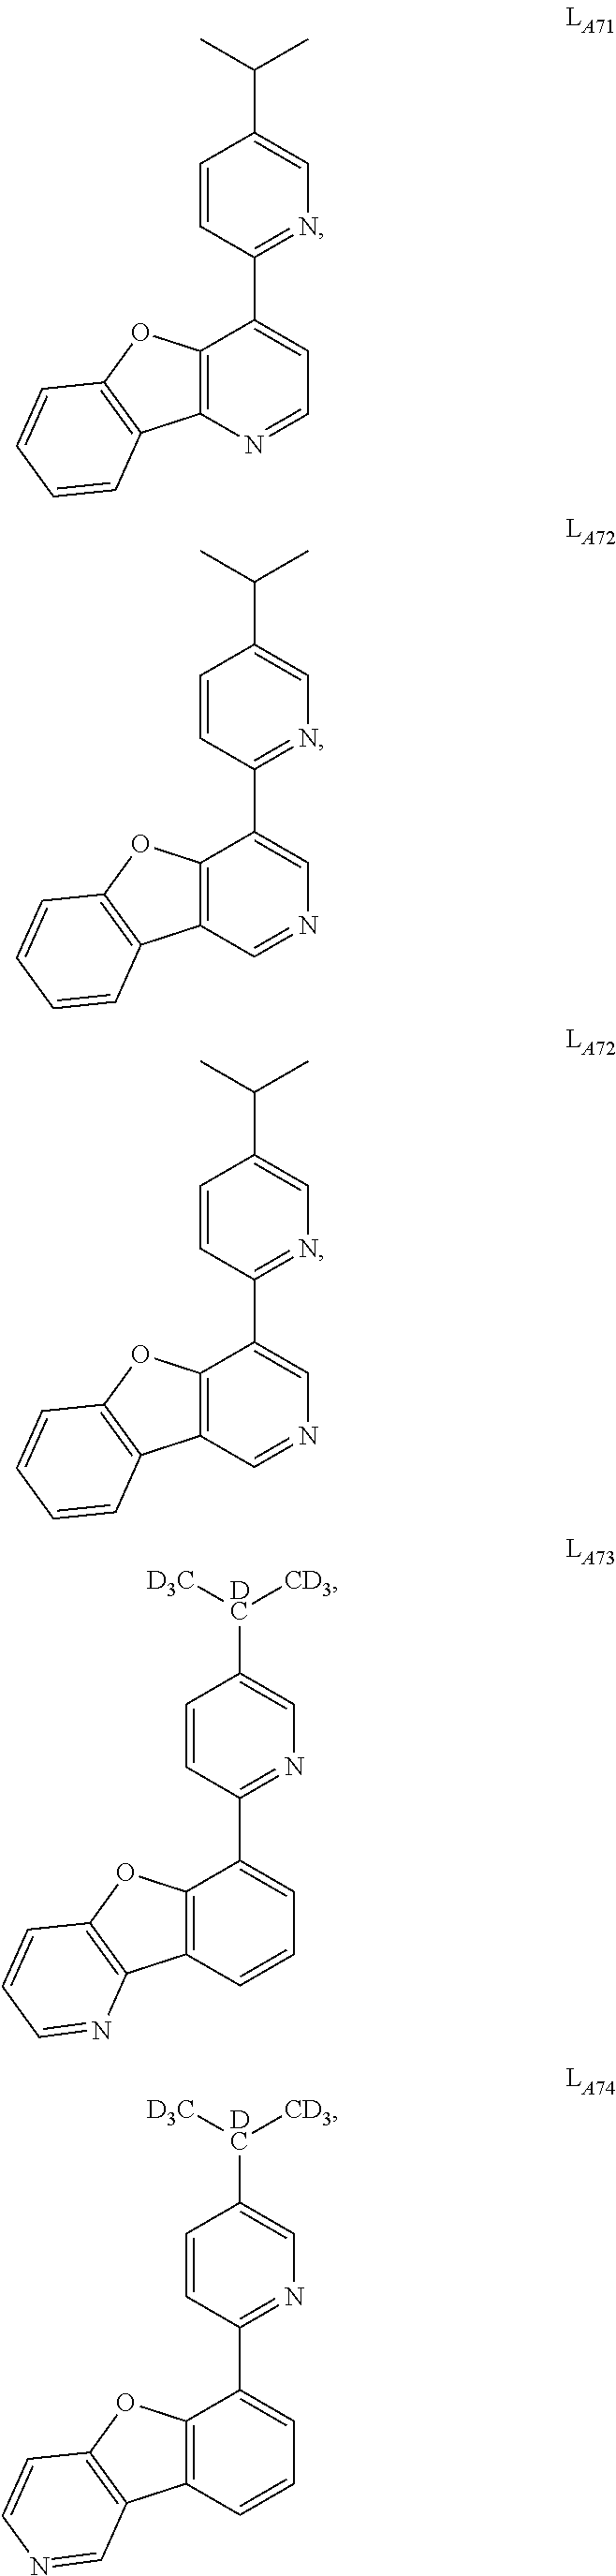 Figure US09634264-20170425-C00018